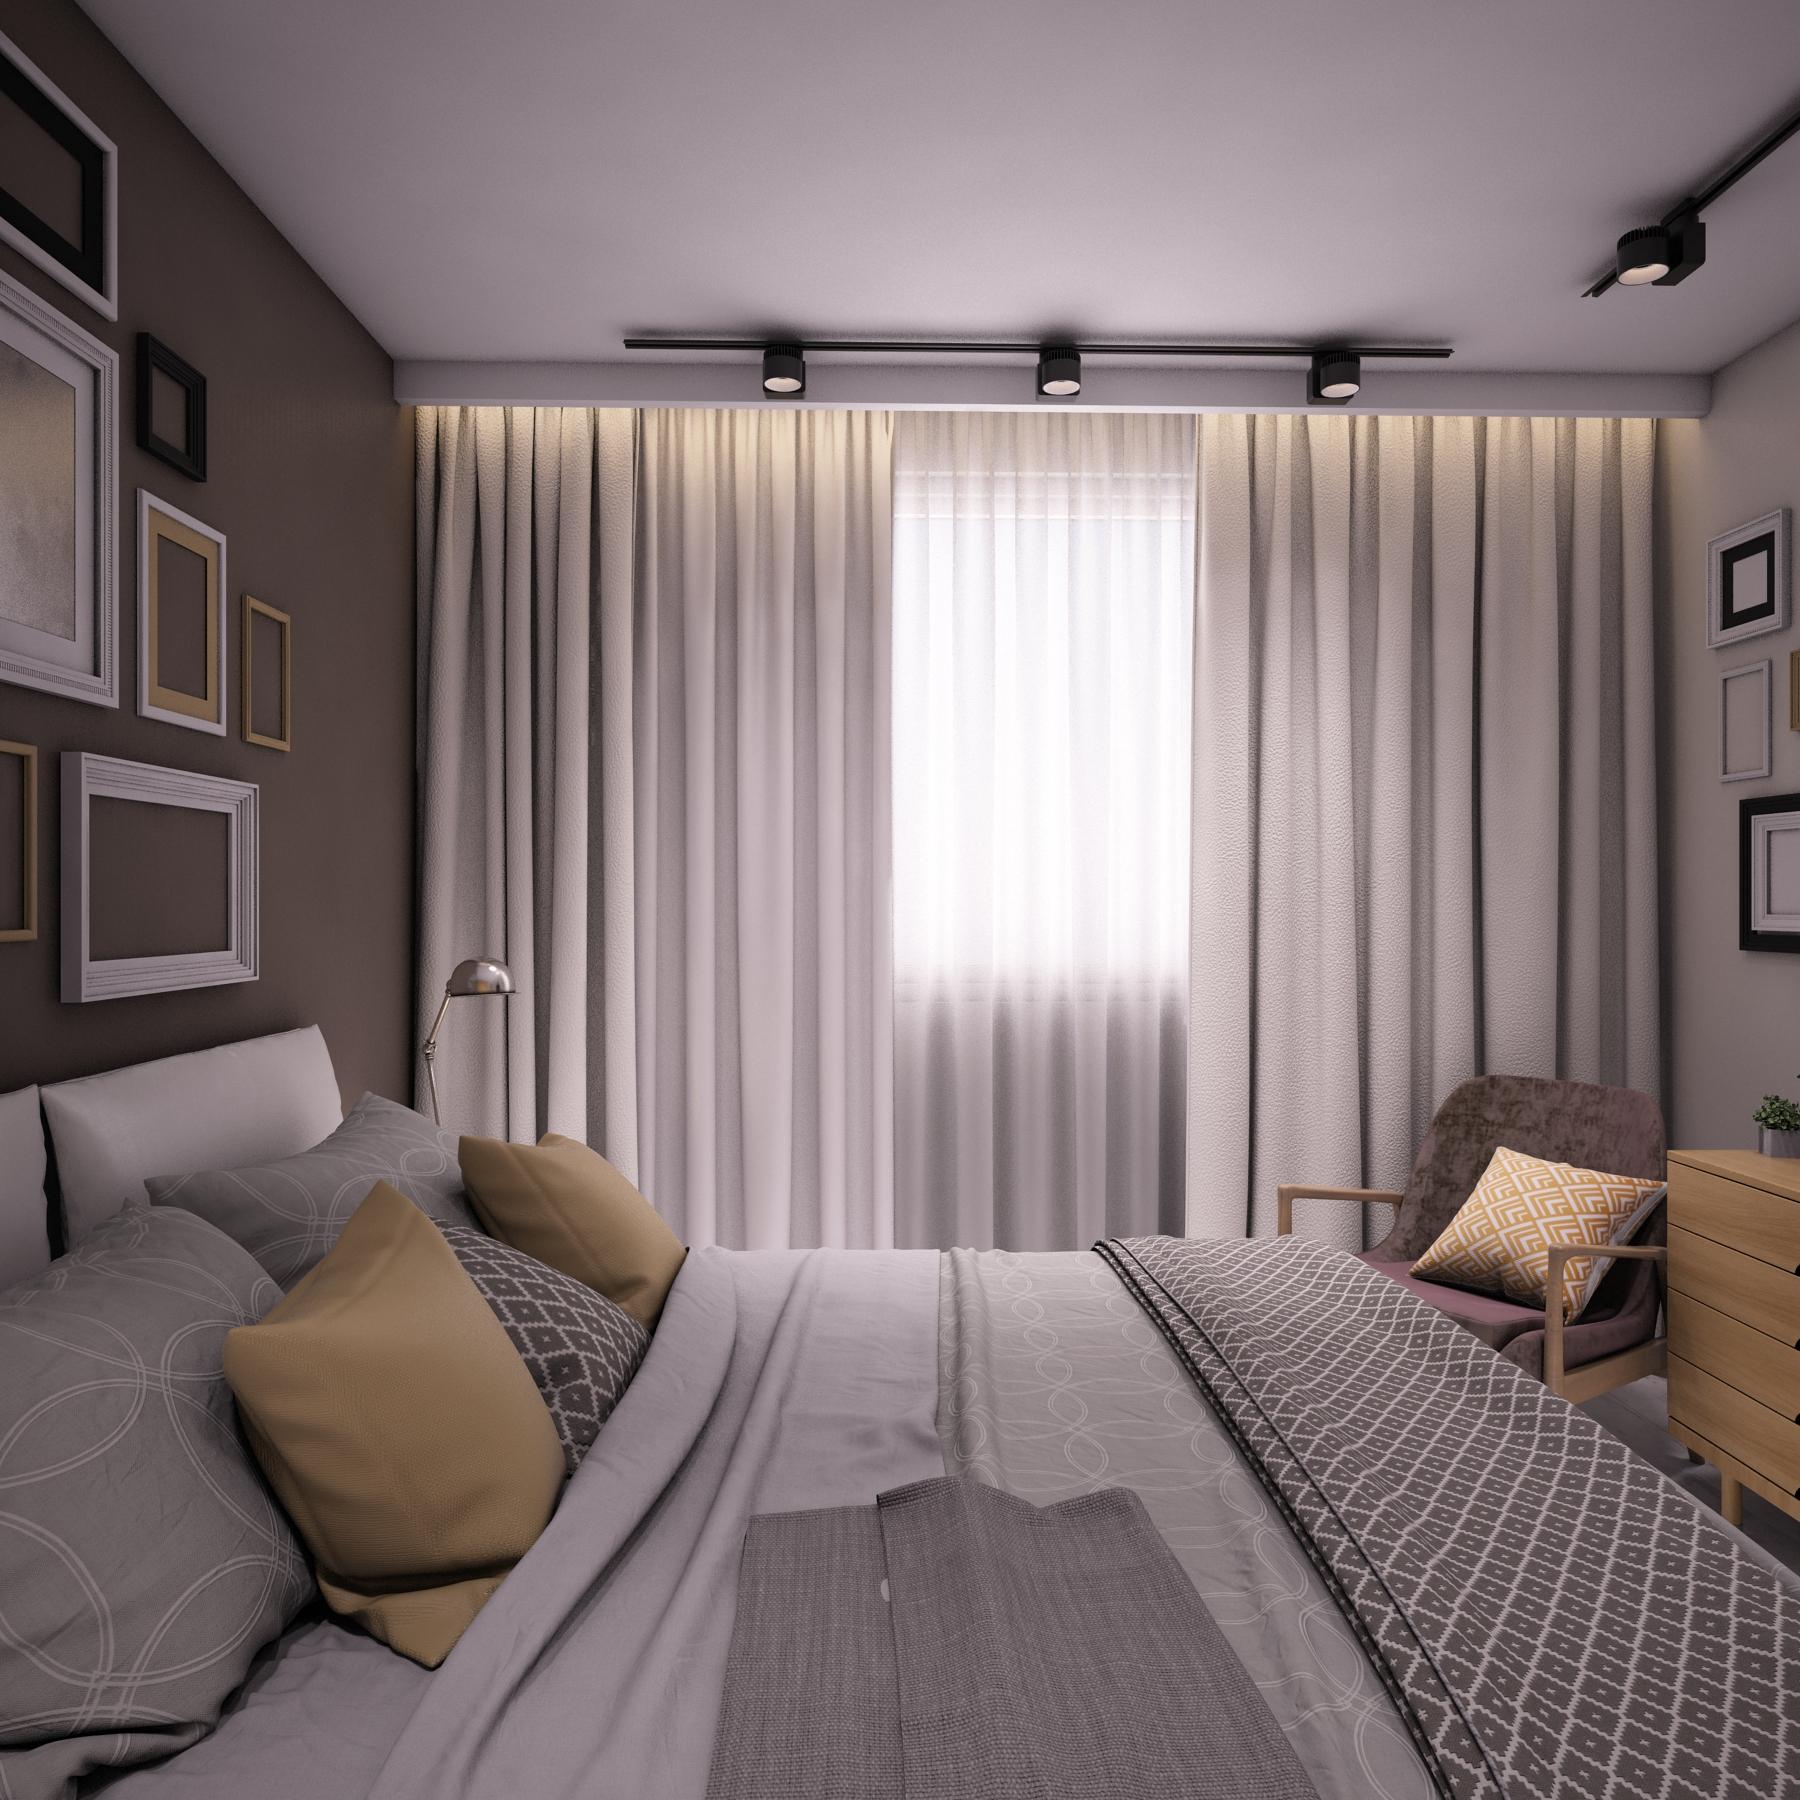 Спальня, вид на окно.